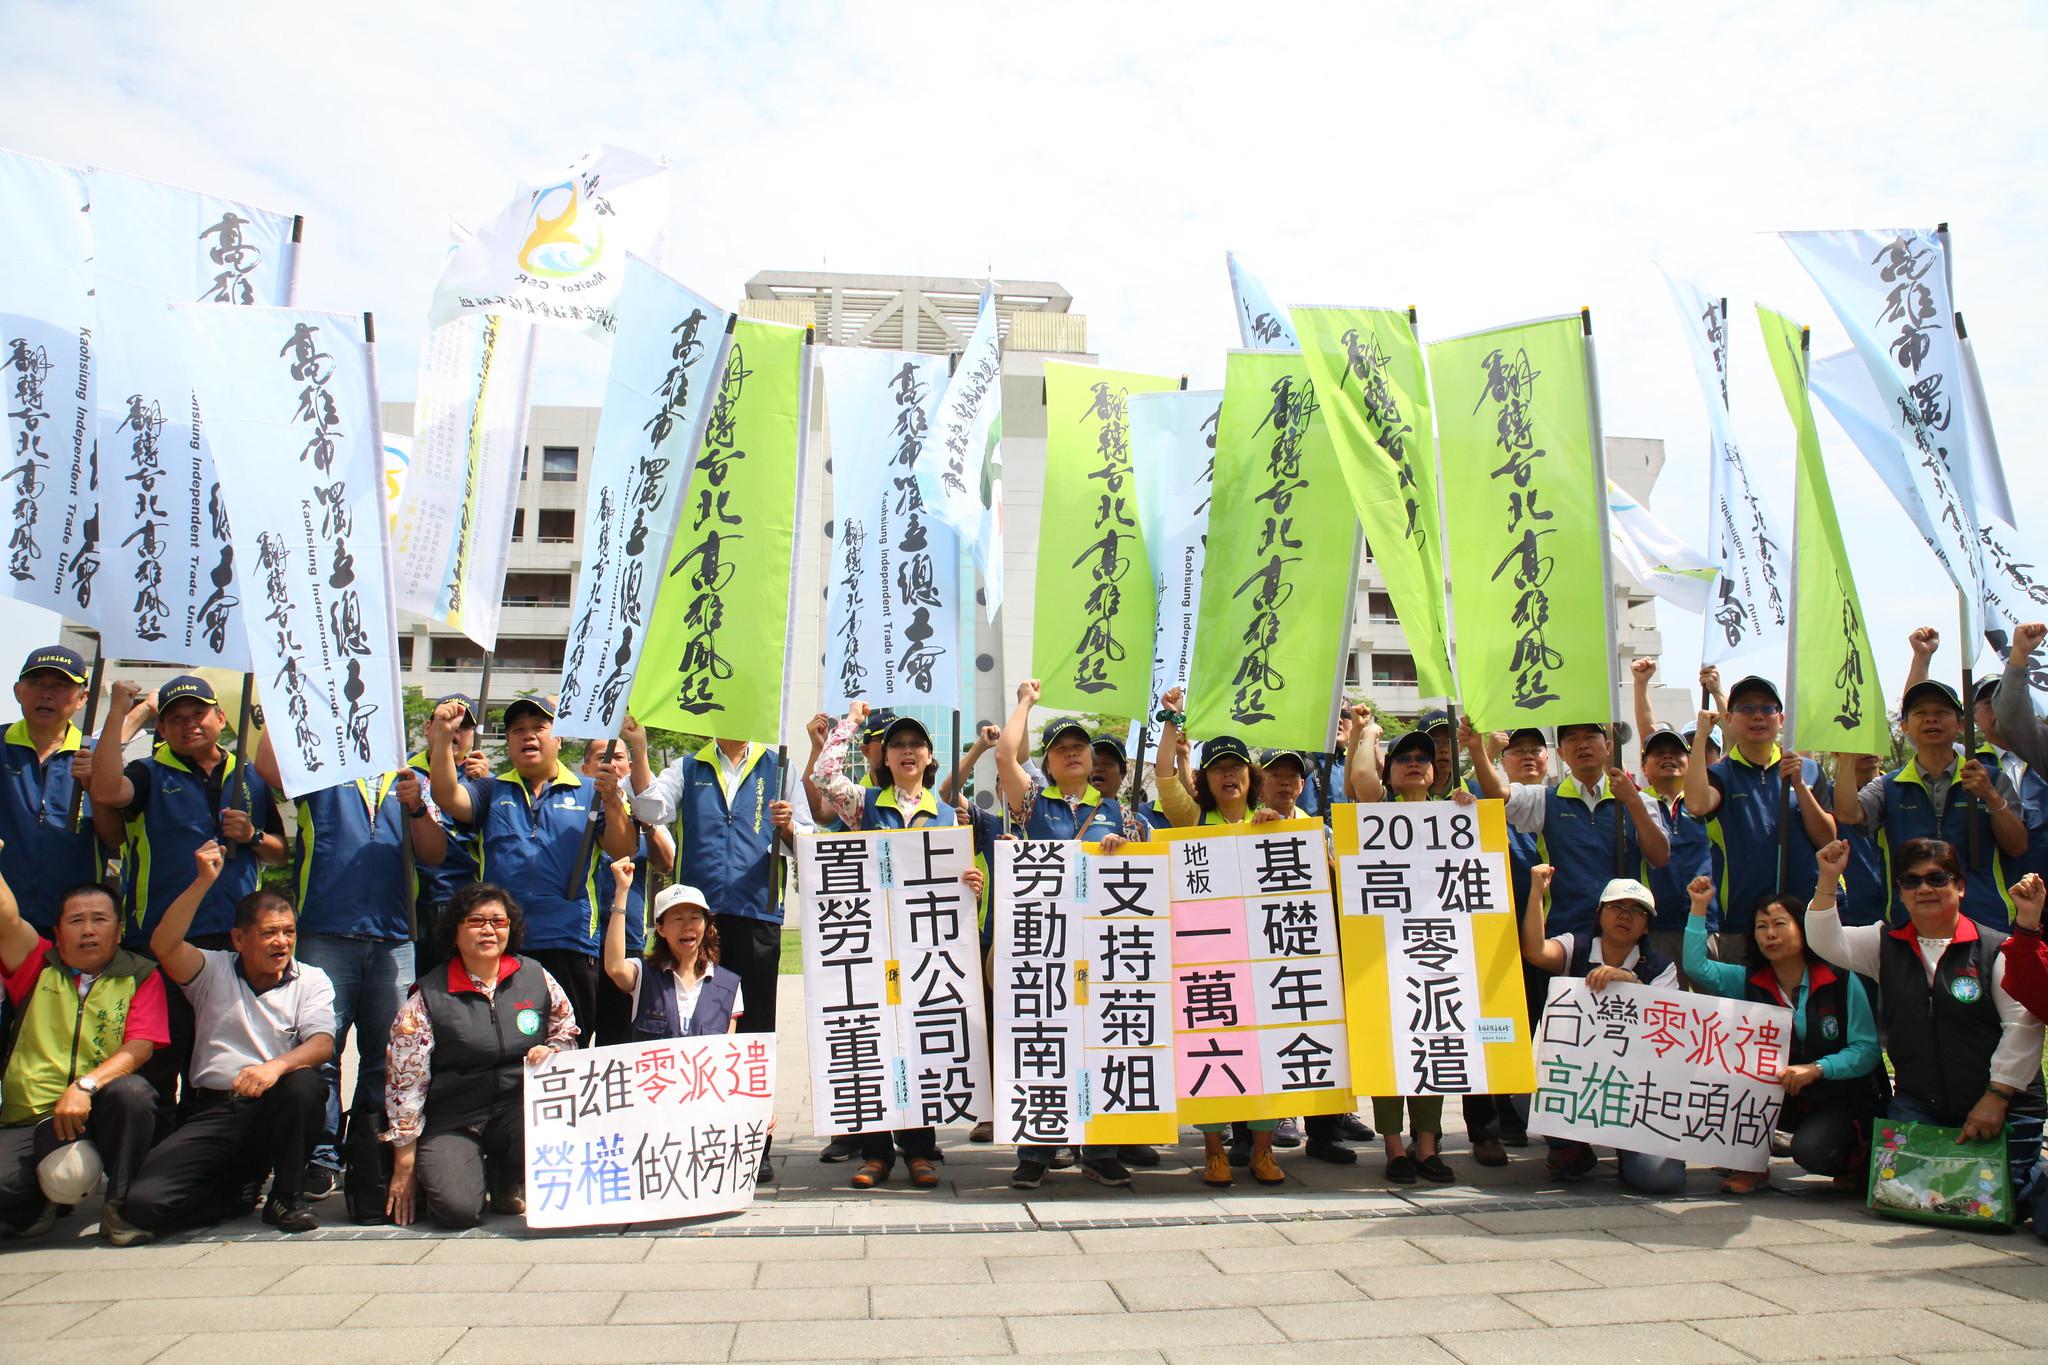 南部工會團體動員約30人,到總統府南部辦公室前提出訴求。(攝影:陳逸婷)